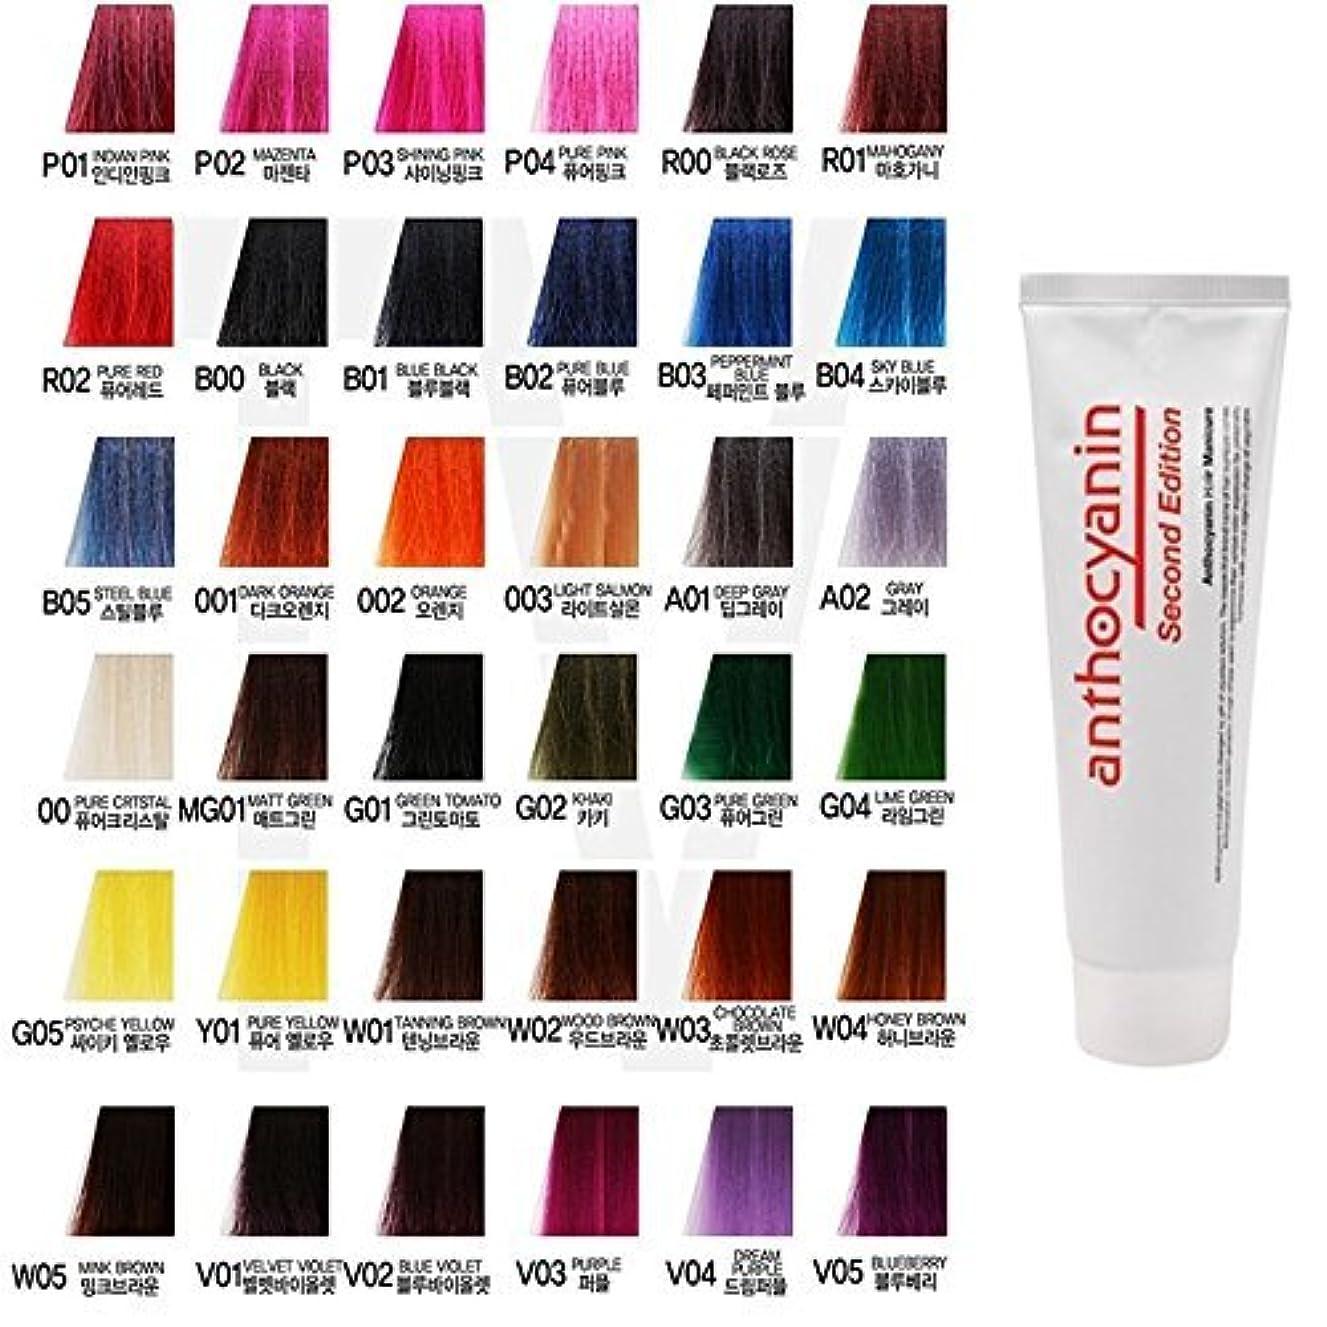 欠かせない摩擦胆嚢ヘア マニキュア カラー セカンド エディション 230g セミ パーマネント 染毛剤 ( Hair Manicure Color Second Edition 230g Semi Permanent Hair Dye) [並行輸入品] (O02 Orange)